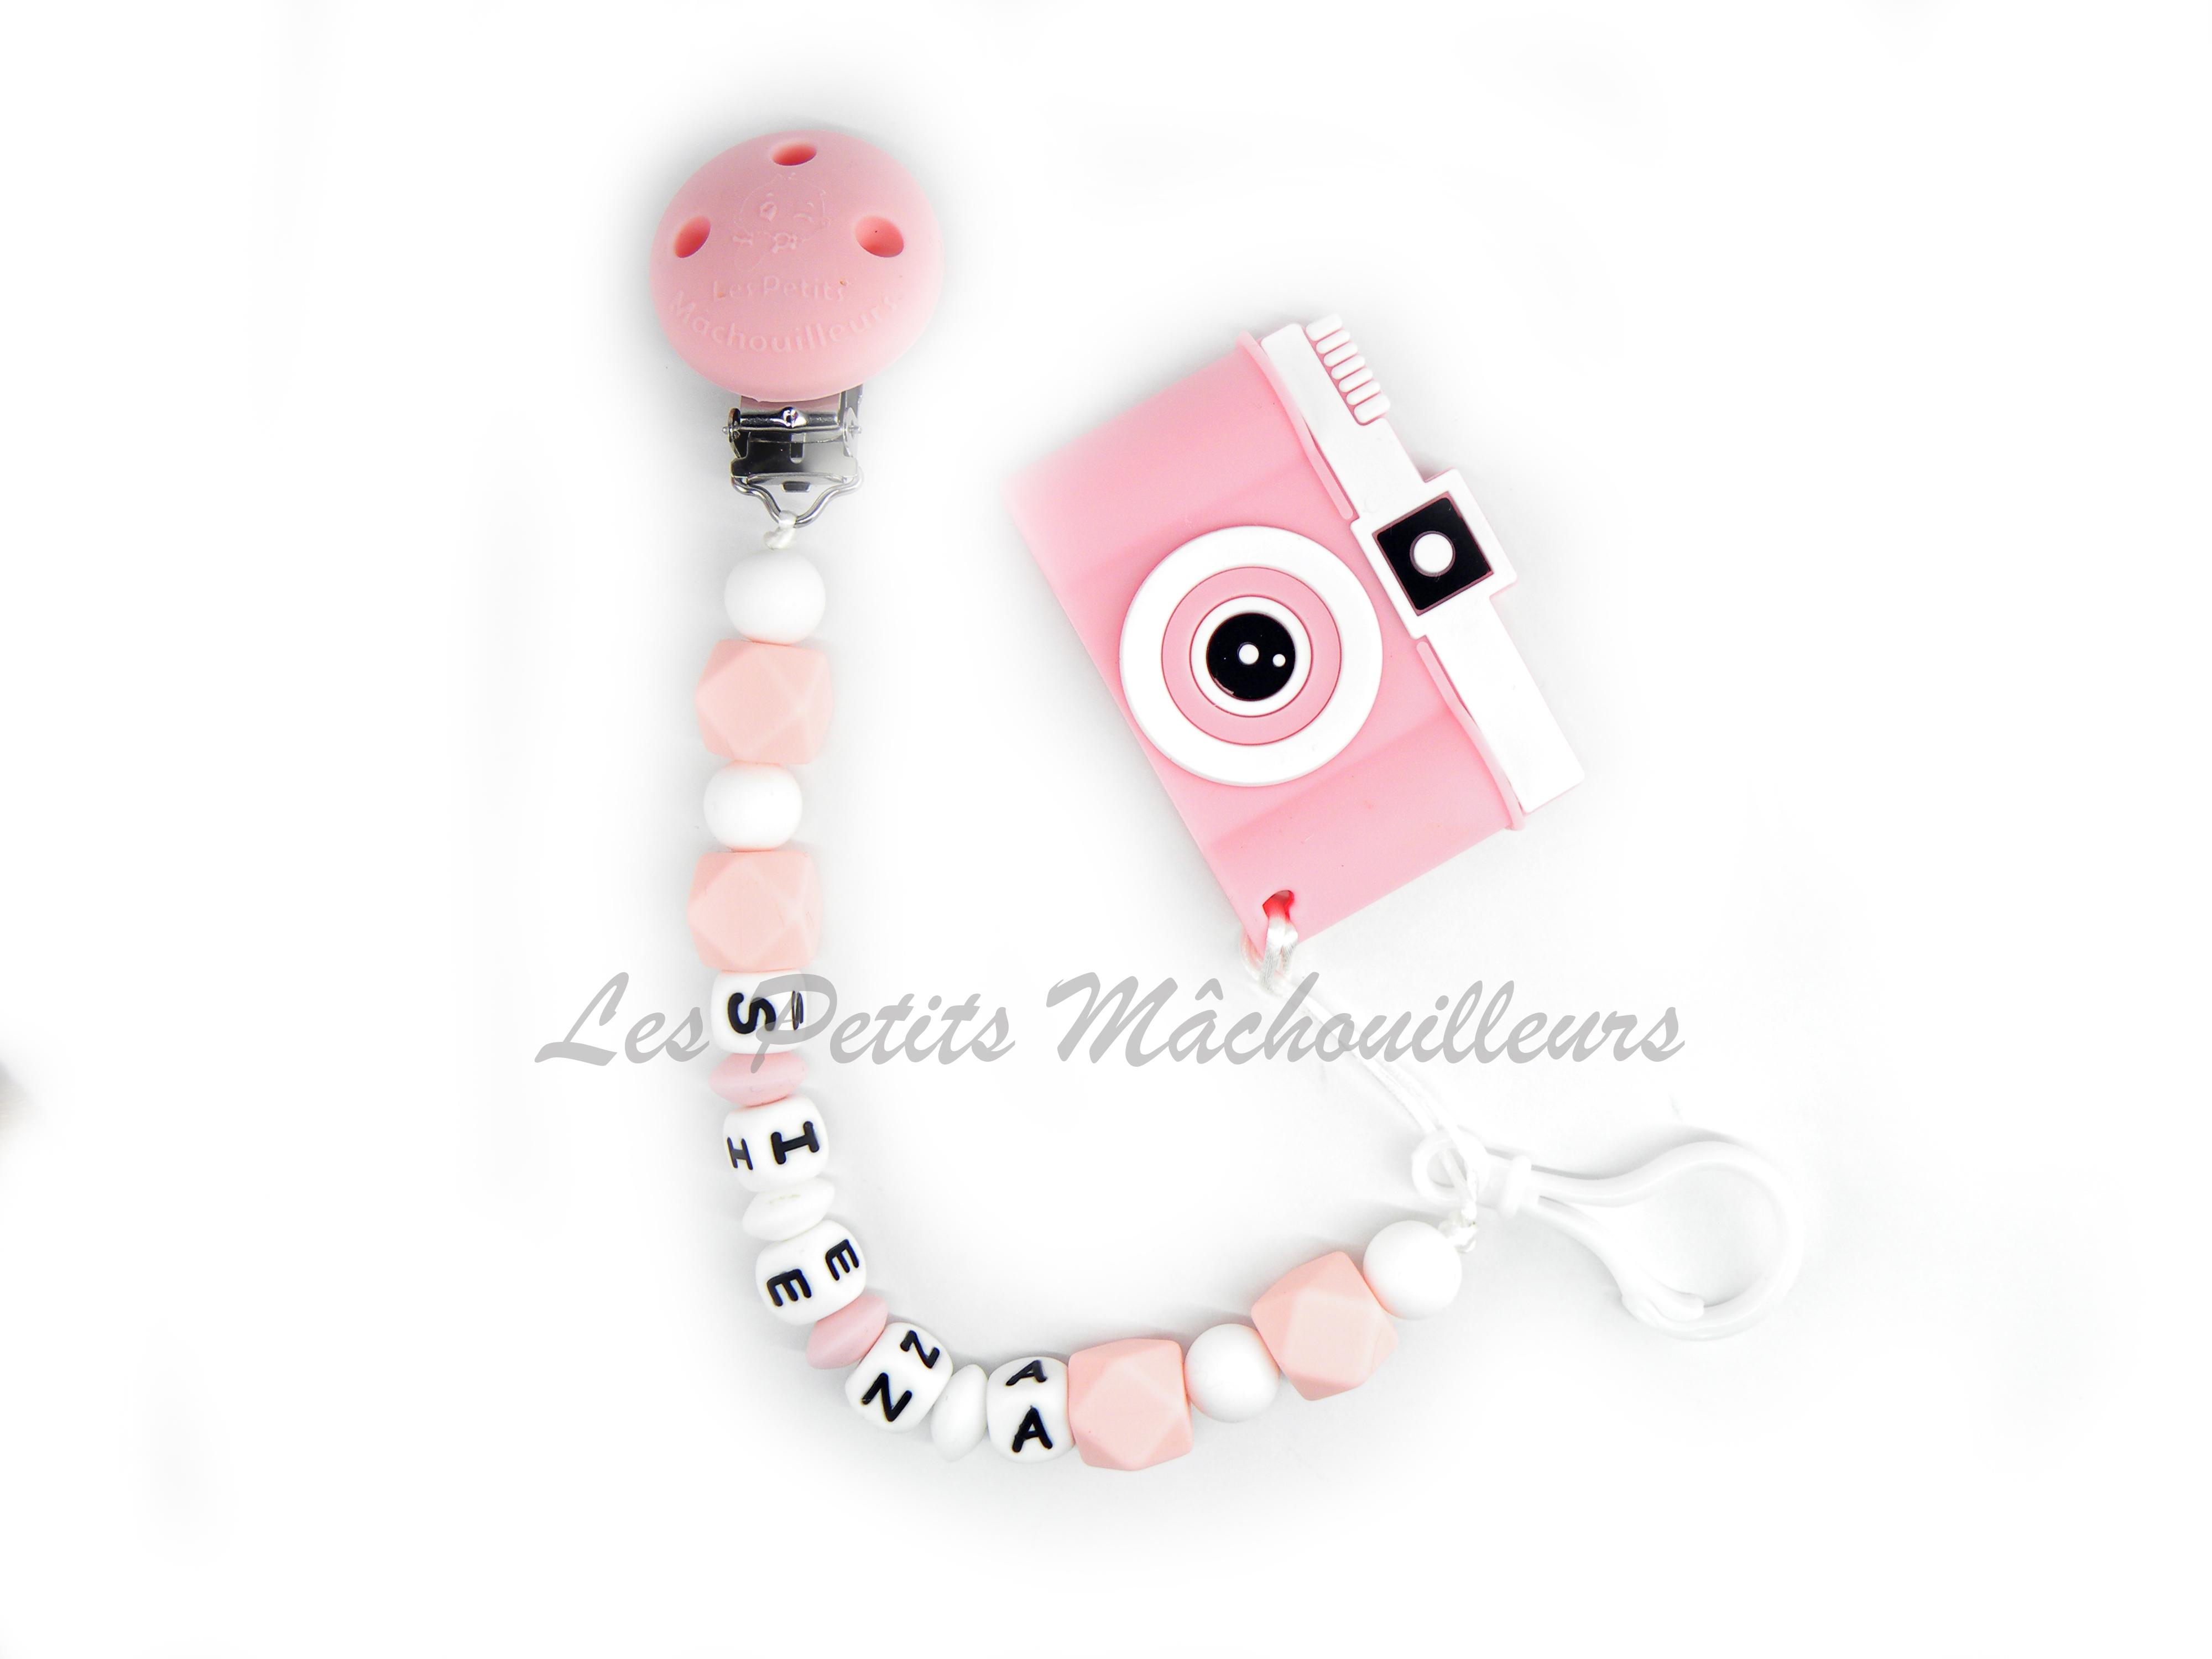 attache tétine en silicone et son jouet de dentition appareil photo